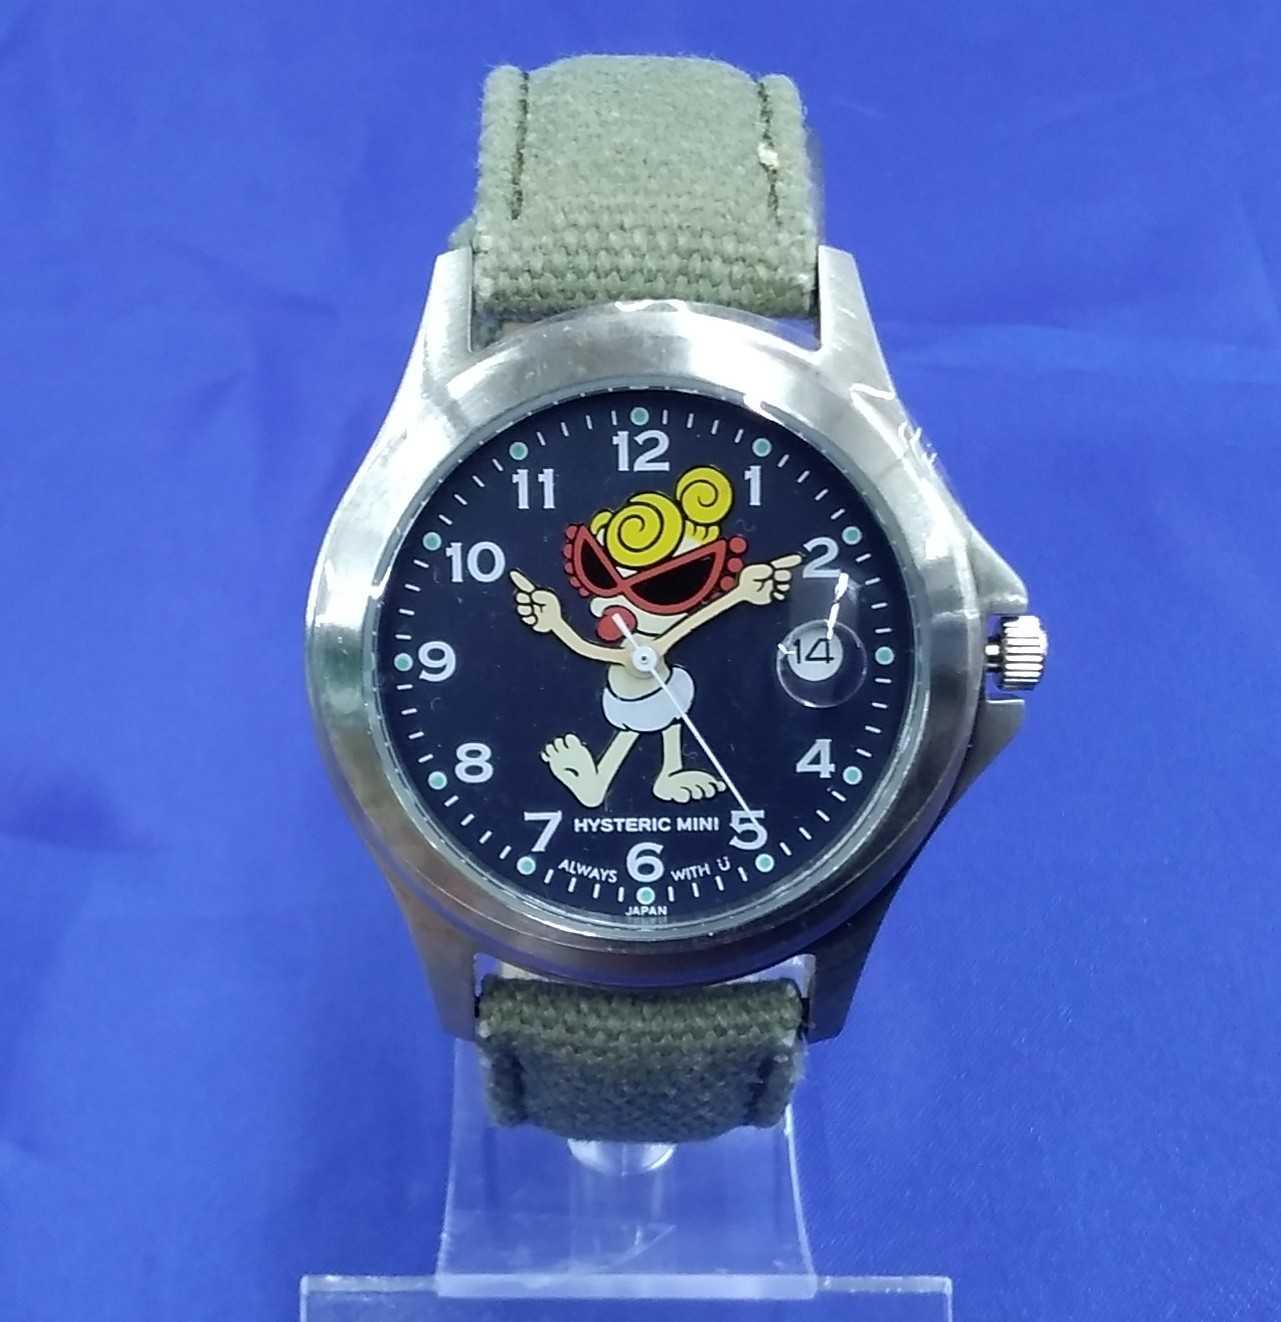 ヒステリックミニ アナログ腕時計 HYSTERIC MINI